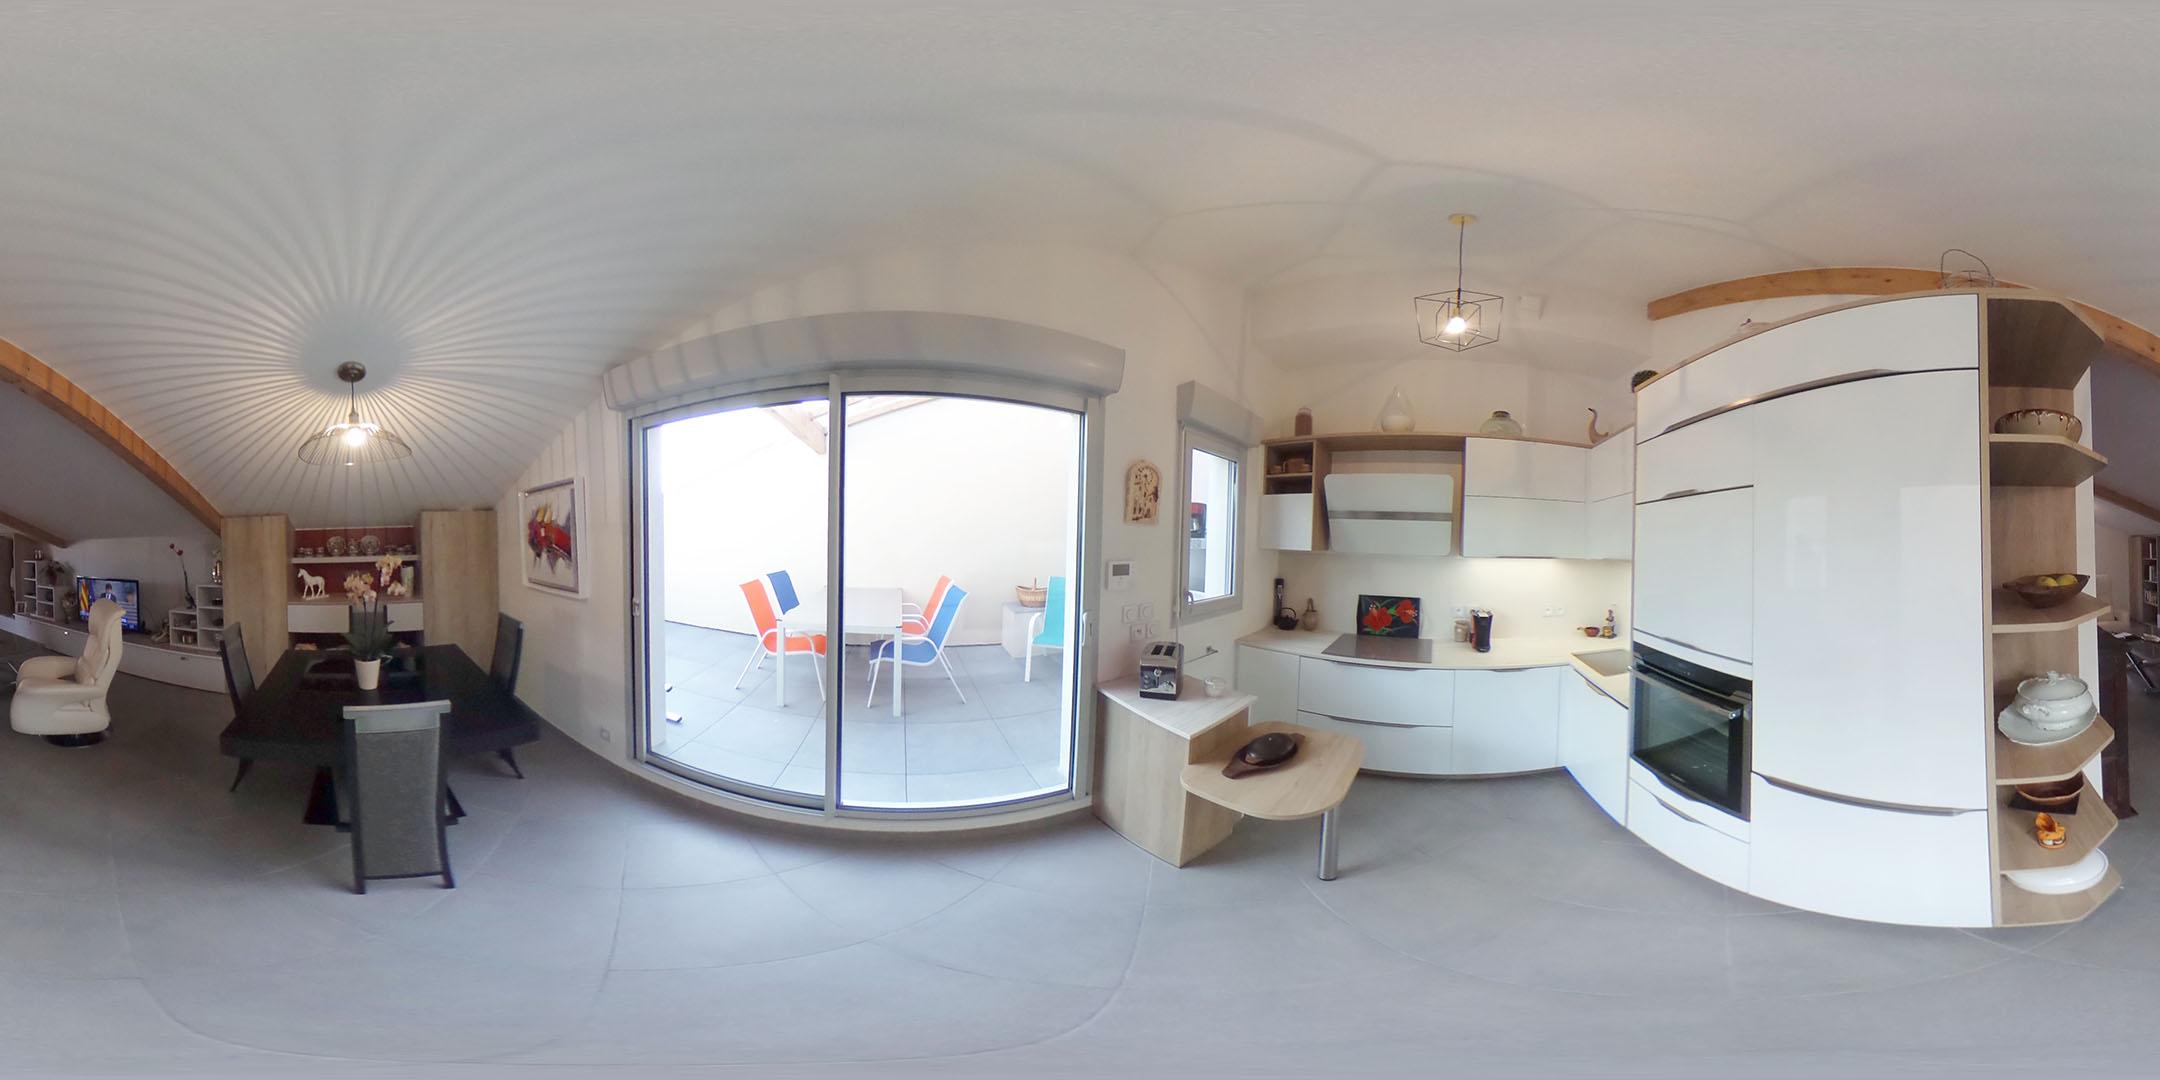 Réalisation panoramique 360°